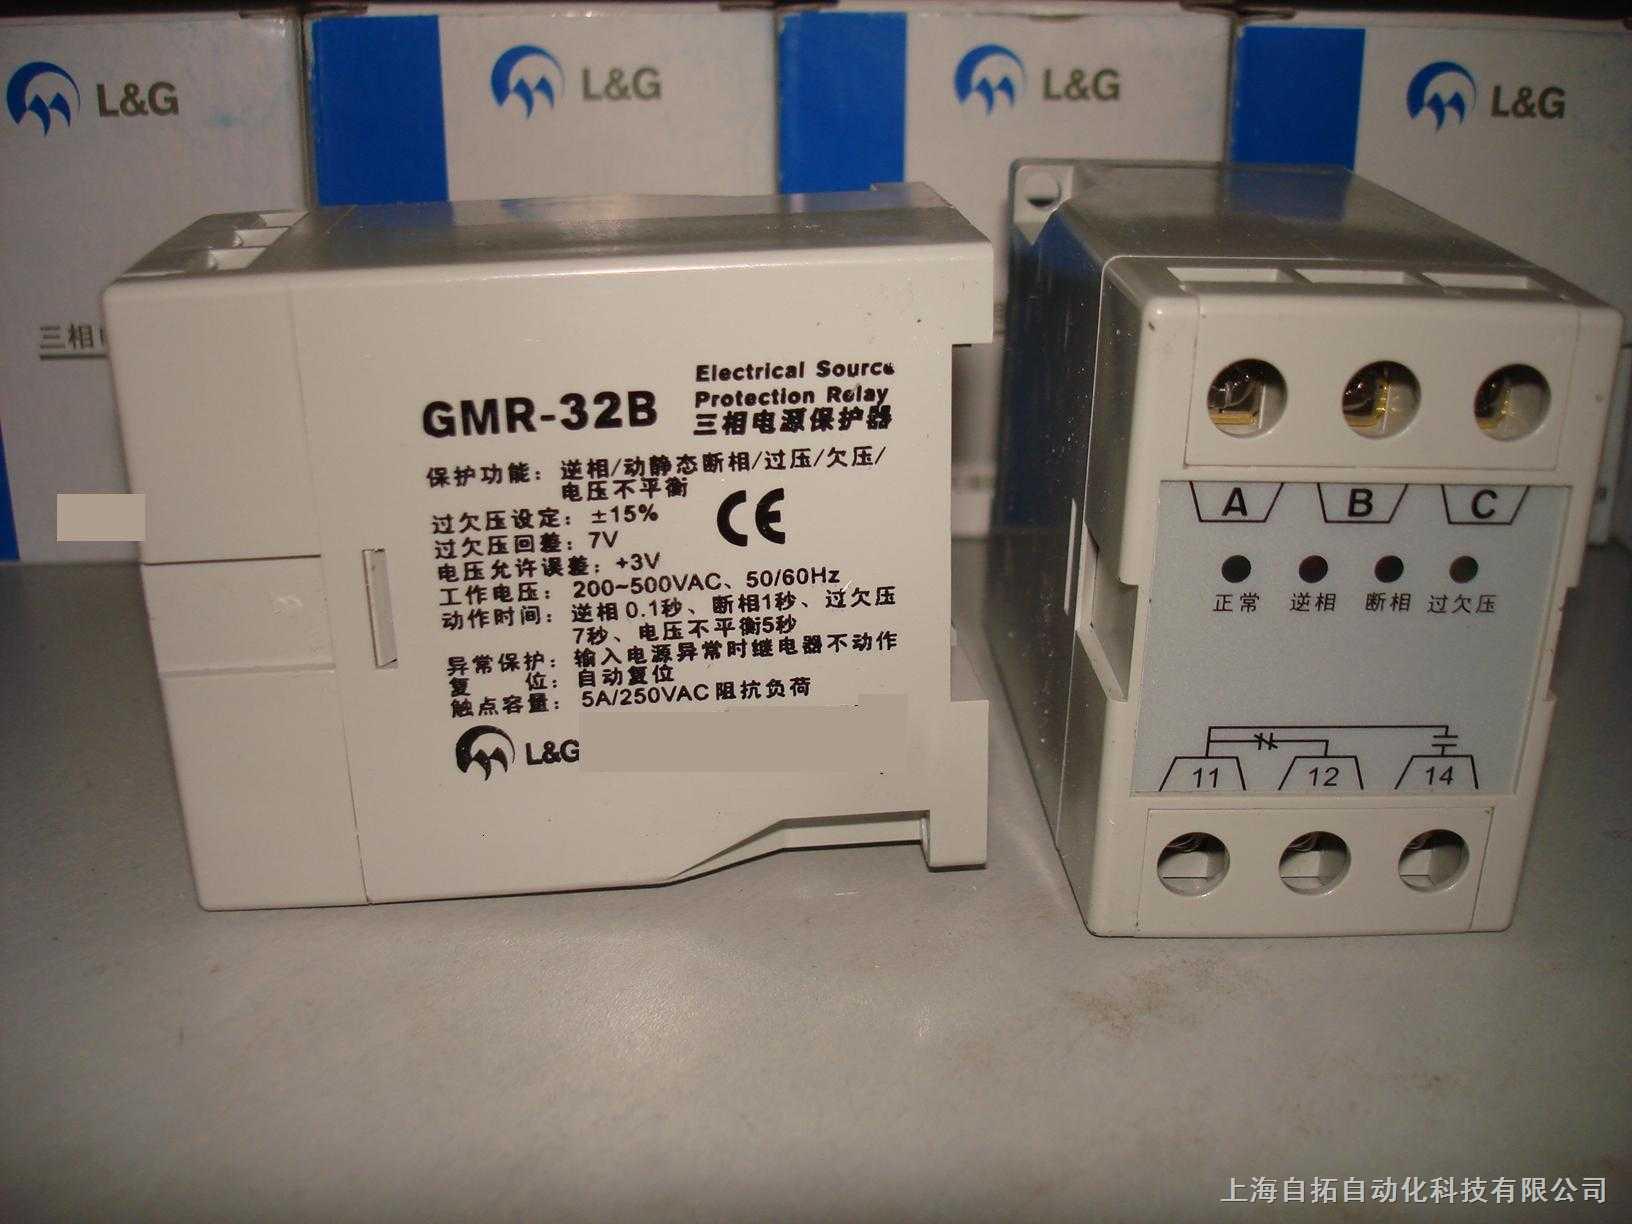 电动机保护器-供应三相电源保护器gmr-32b-中华机械网